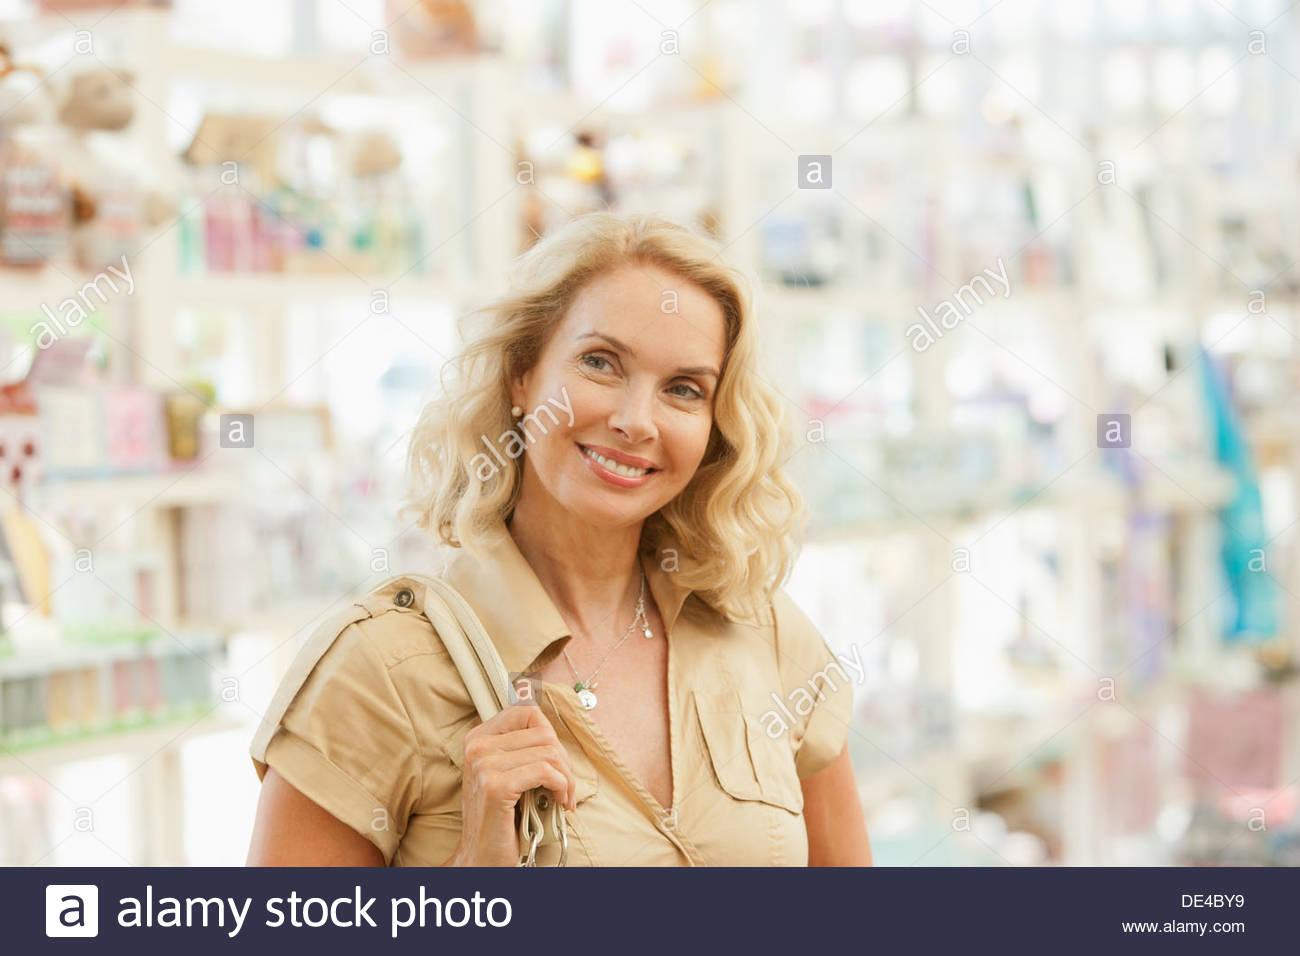 Mujer sonriente compras en tienda Imagen De Stock